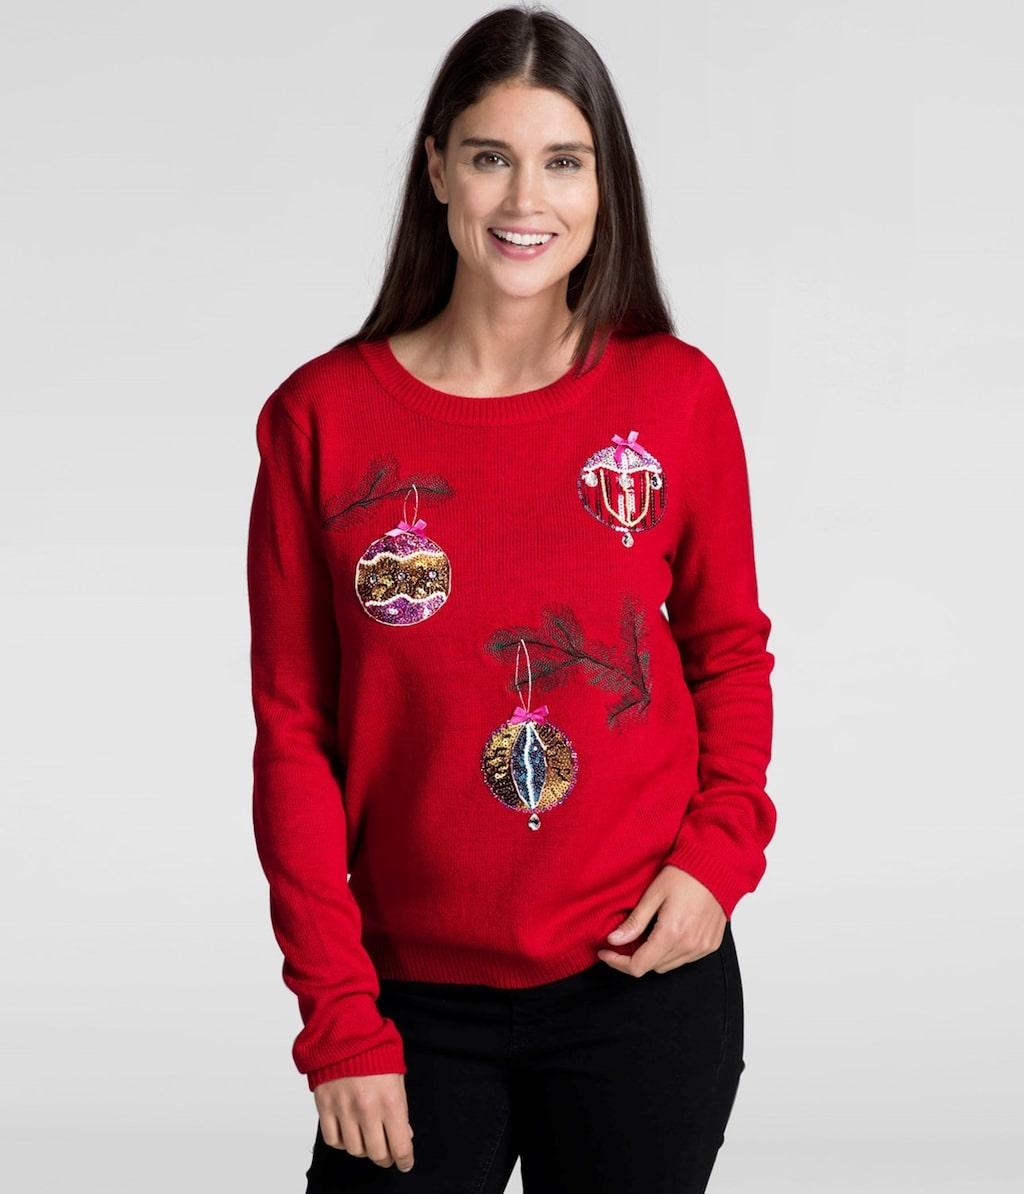 Den här tröjan är från KappAhl och kostar 299 kronor.